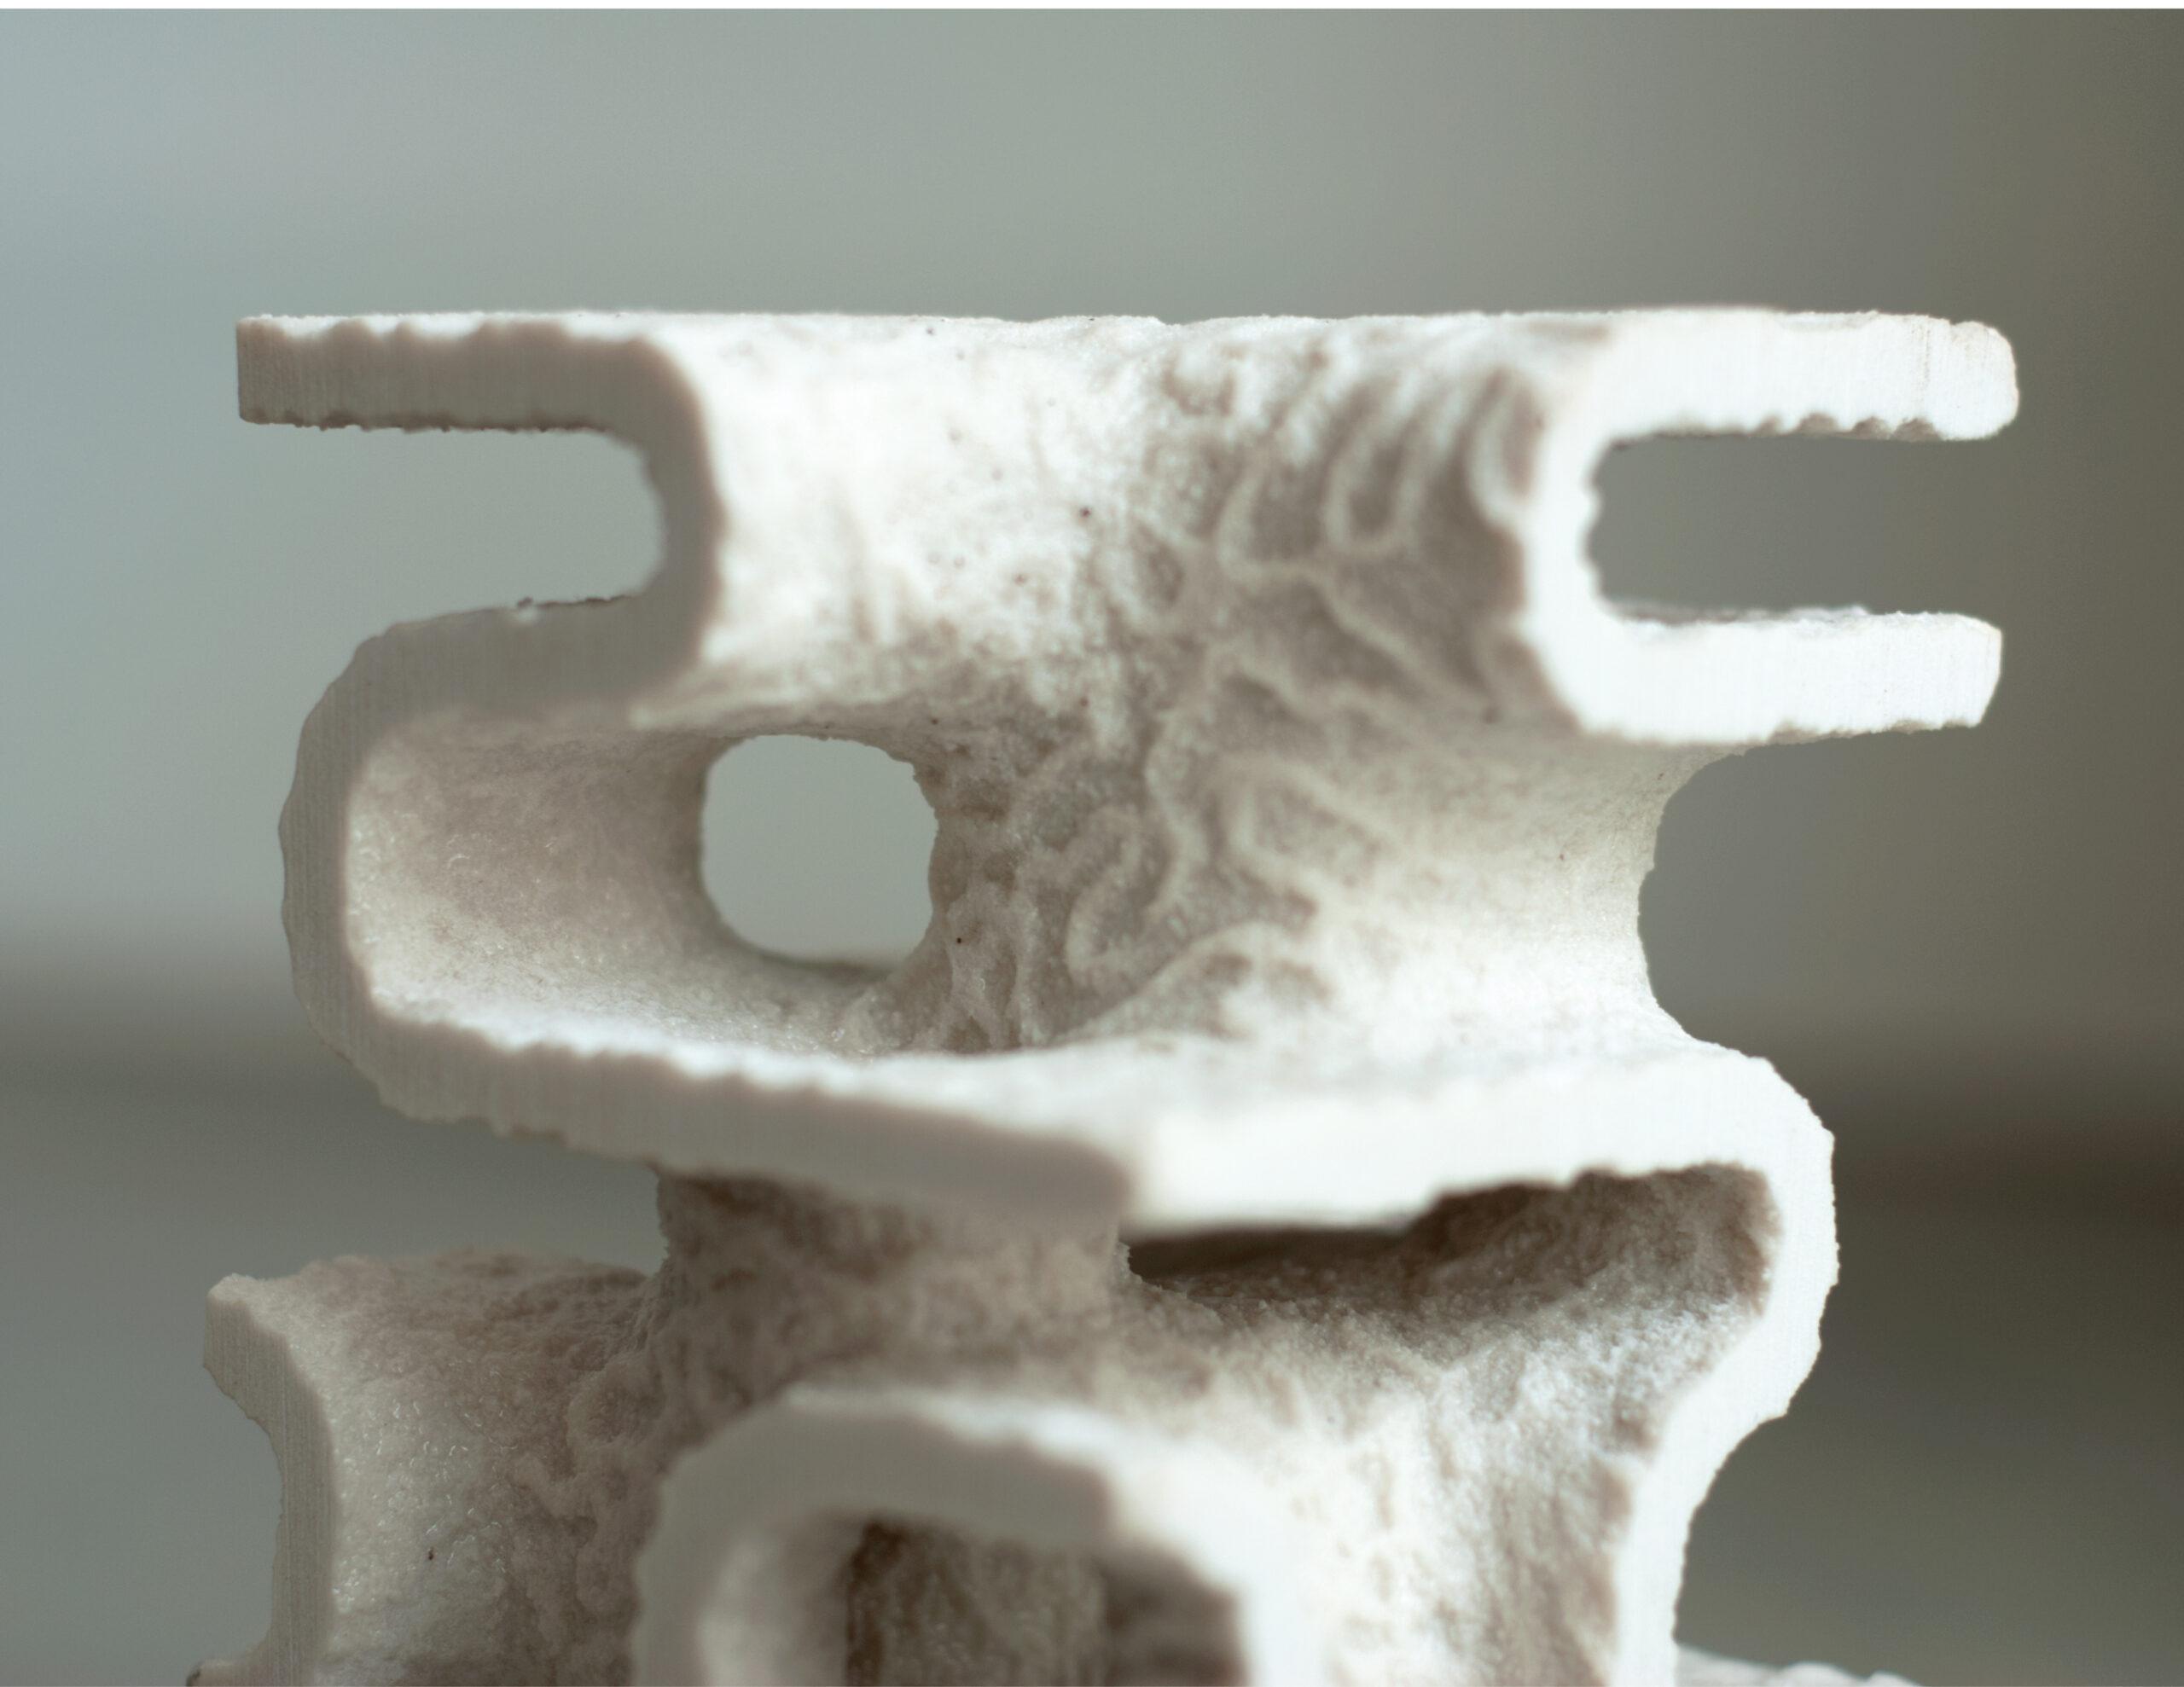 Kopia Ead Schofield Project02 Image2